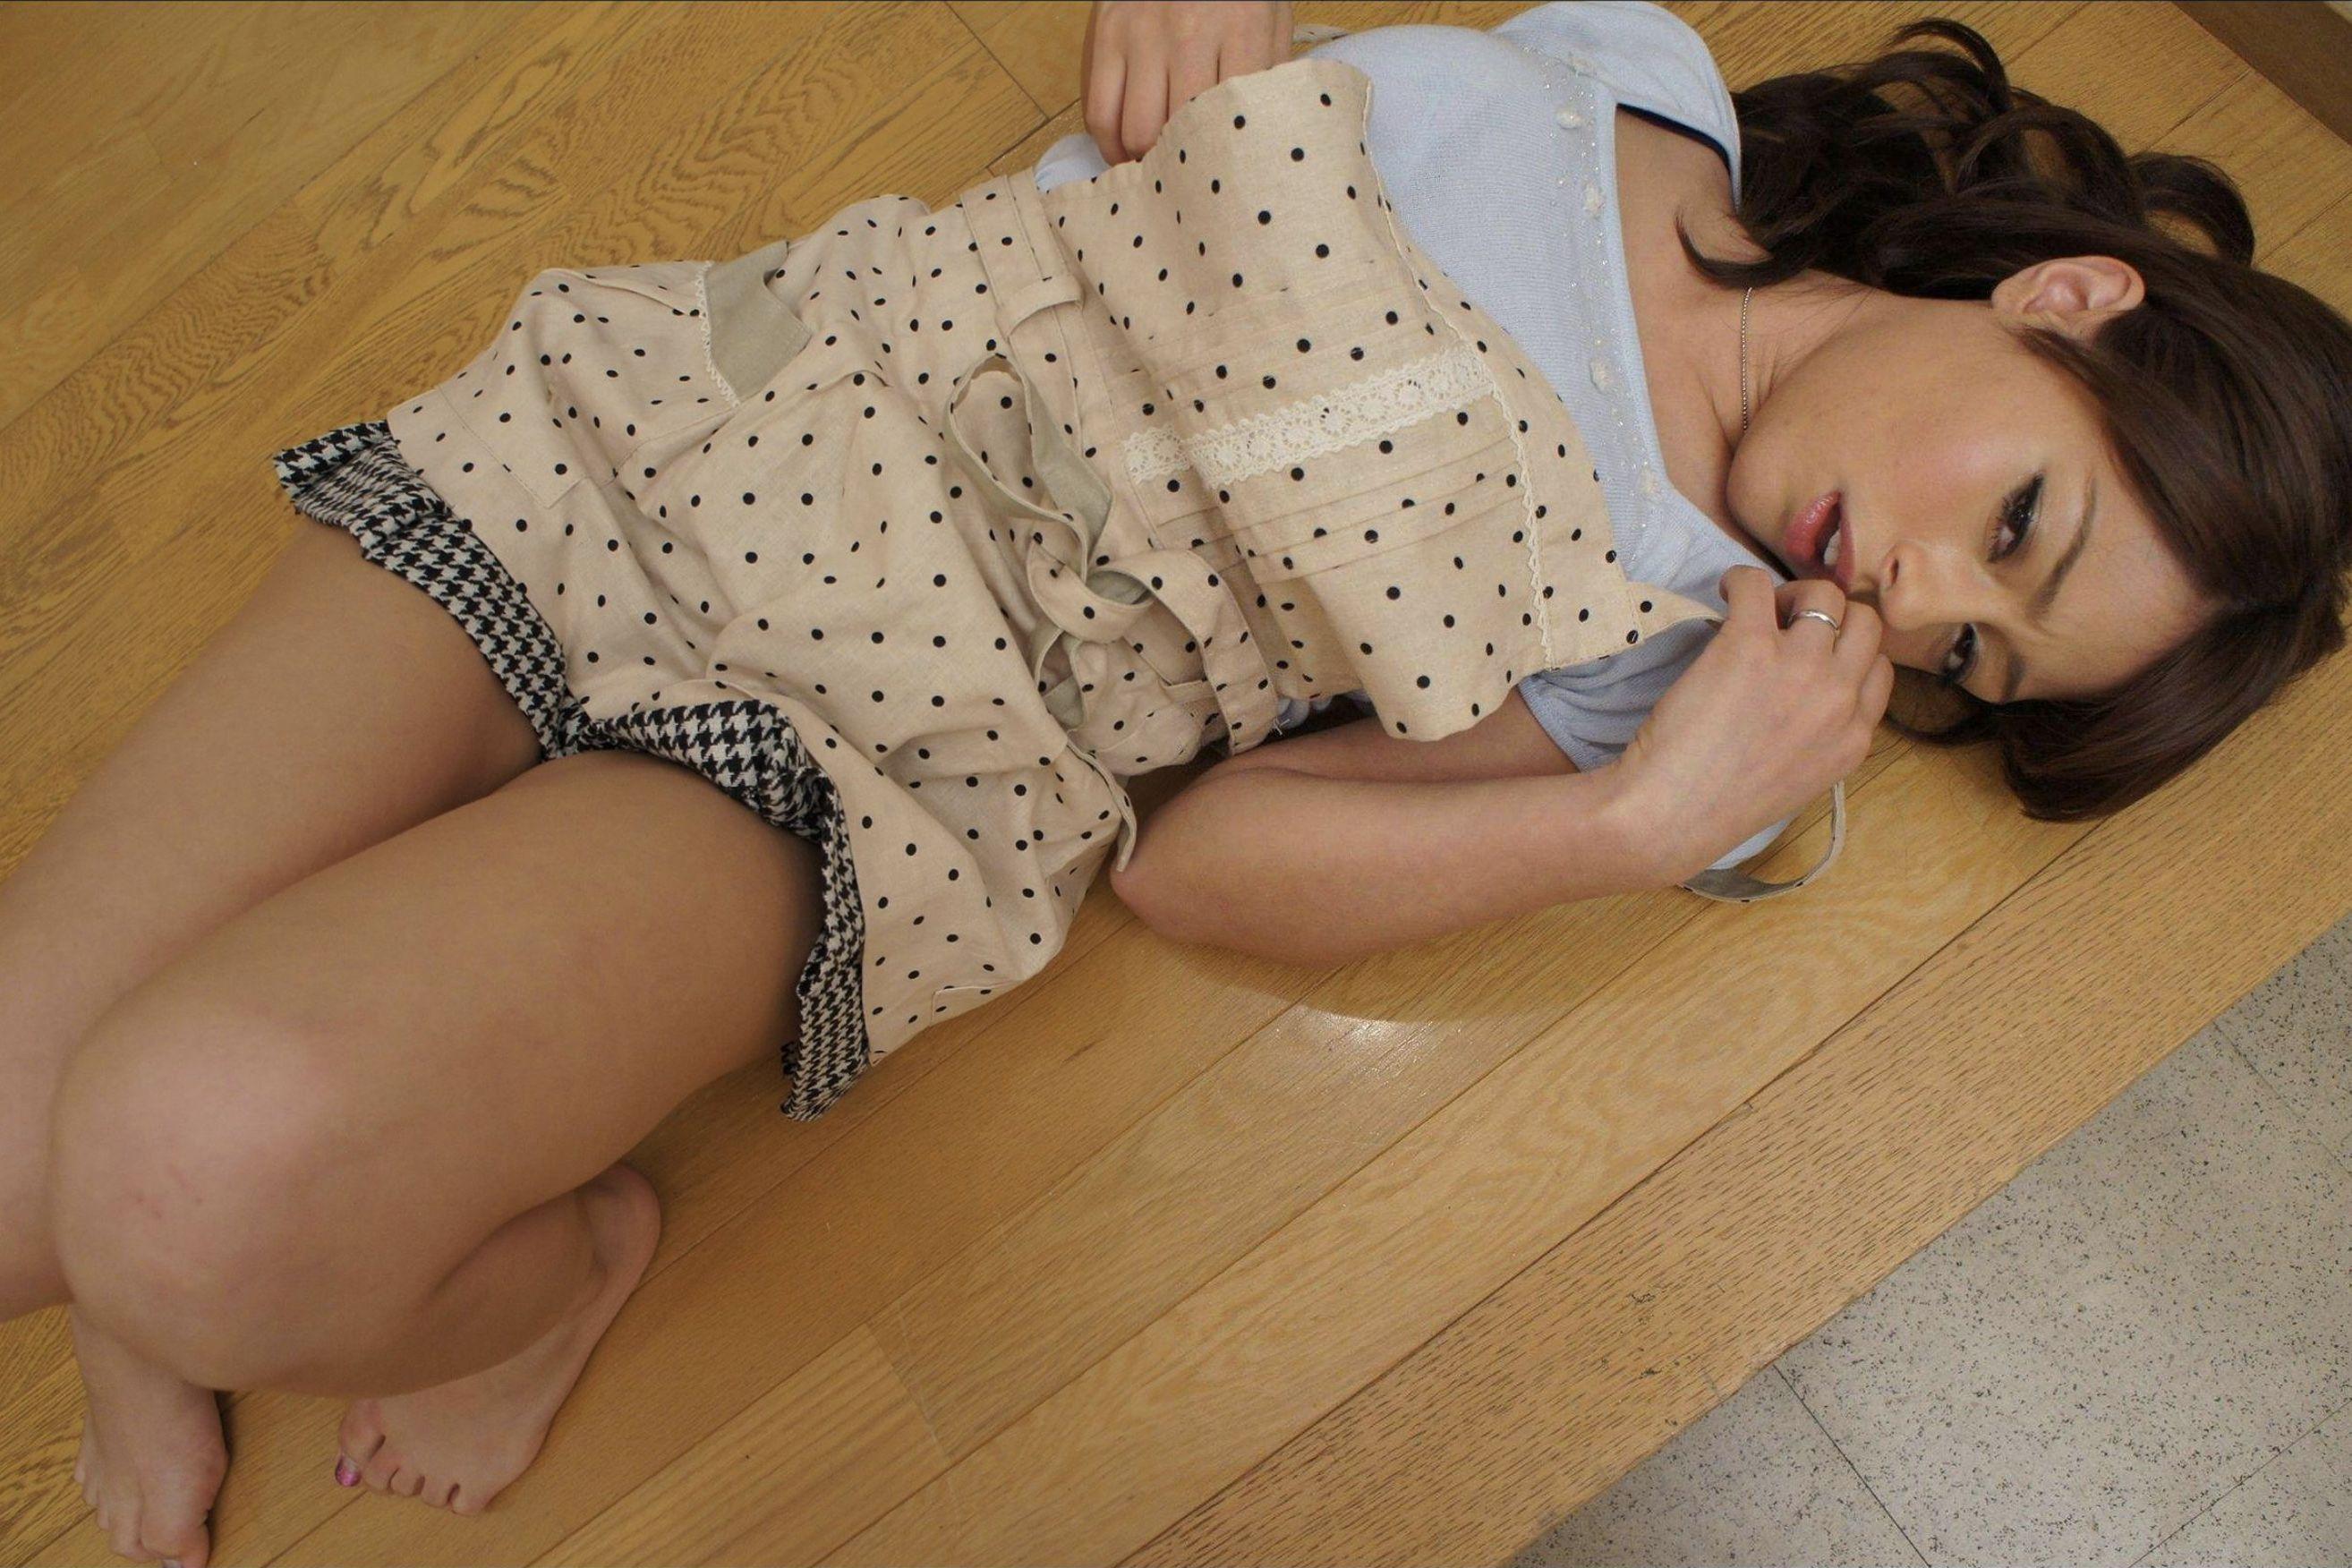 肉欲に堕ちた団地妻 知らない男の匂いに躰が熱くなる… SARAH ishot-018